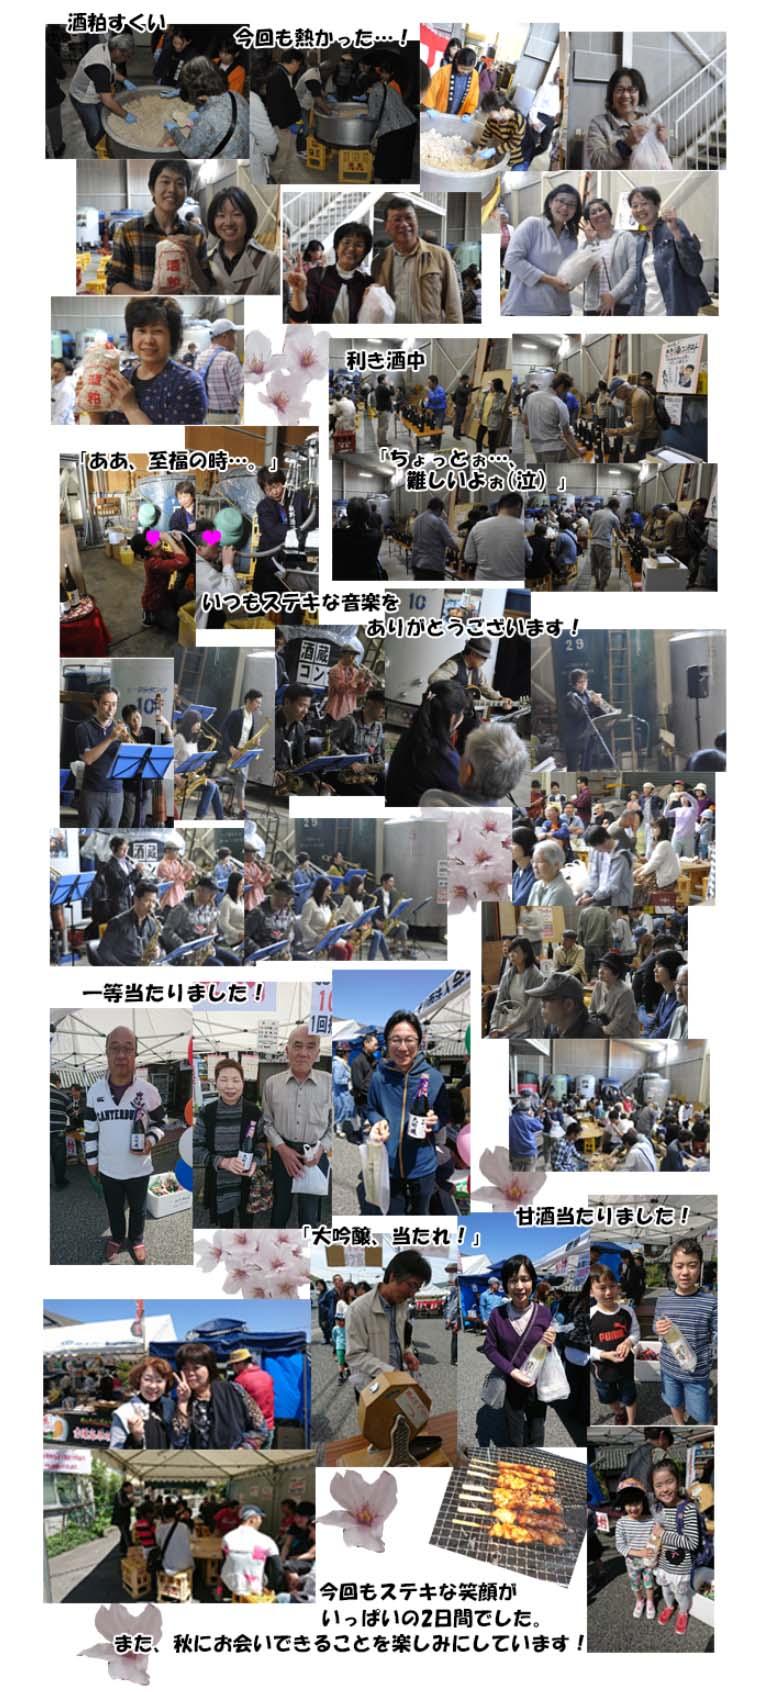 蔵祭り 2017 春 第17回 板野酒造場